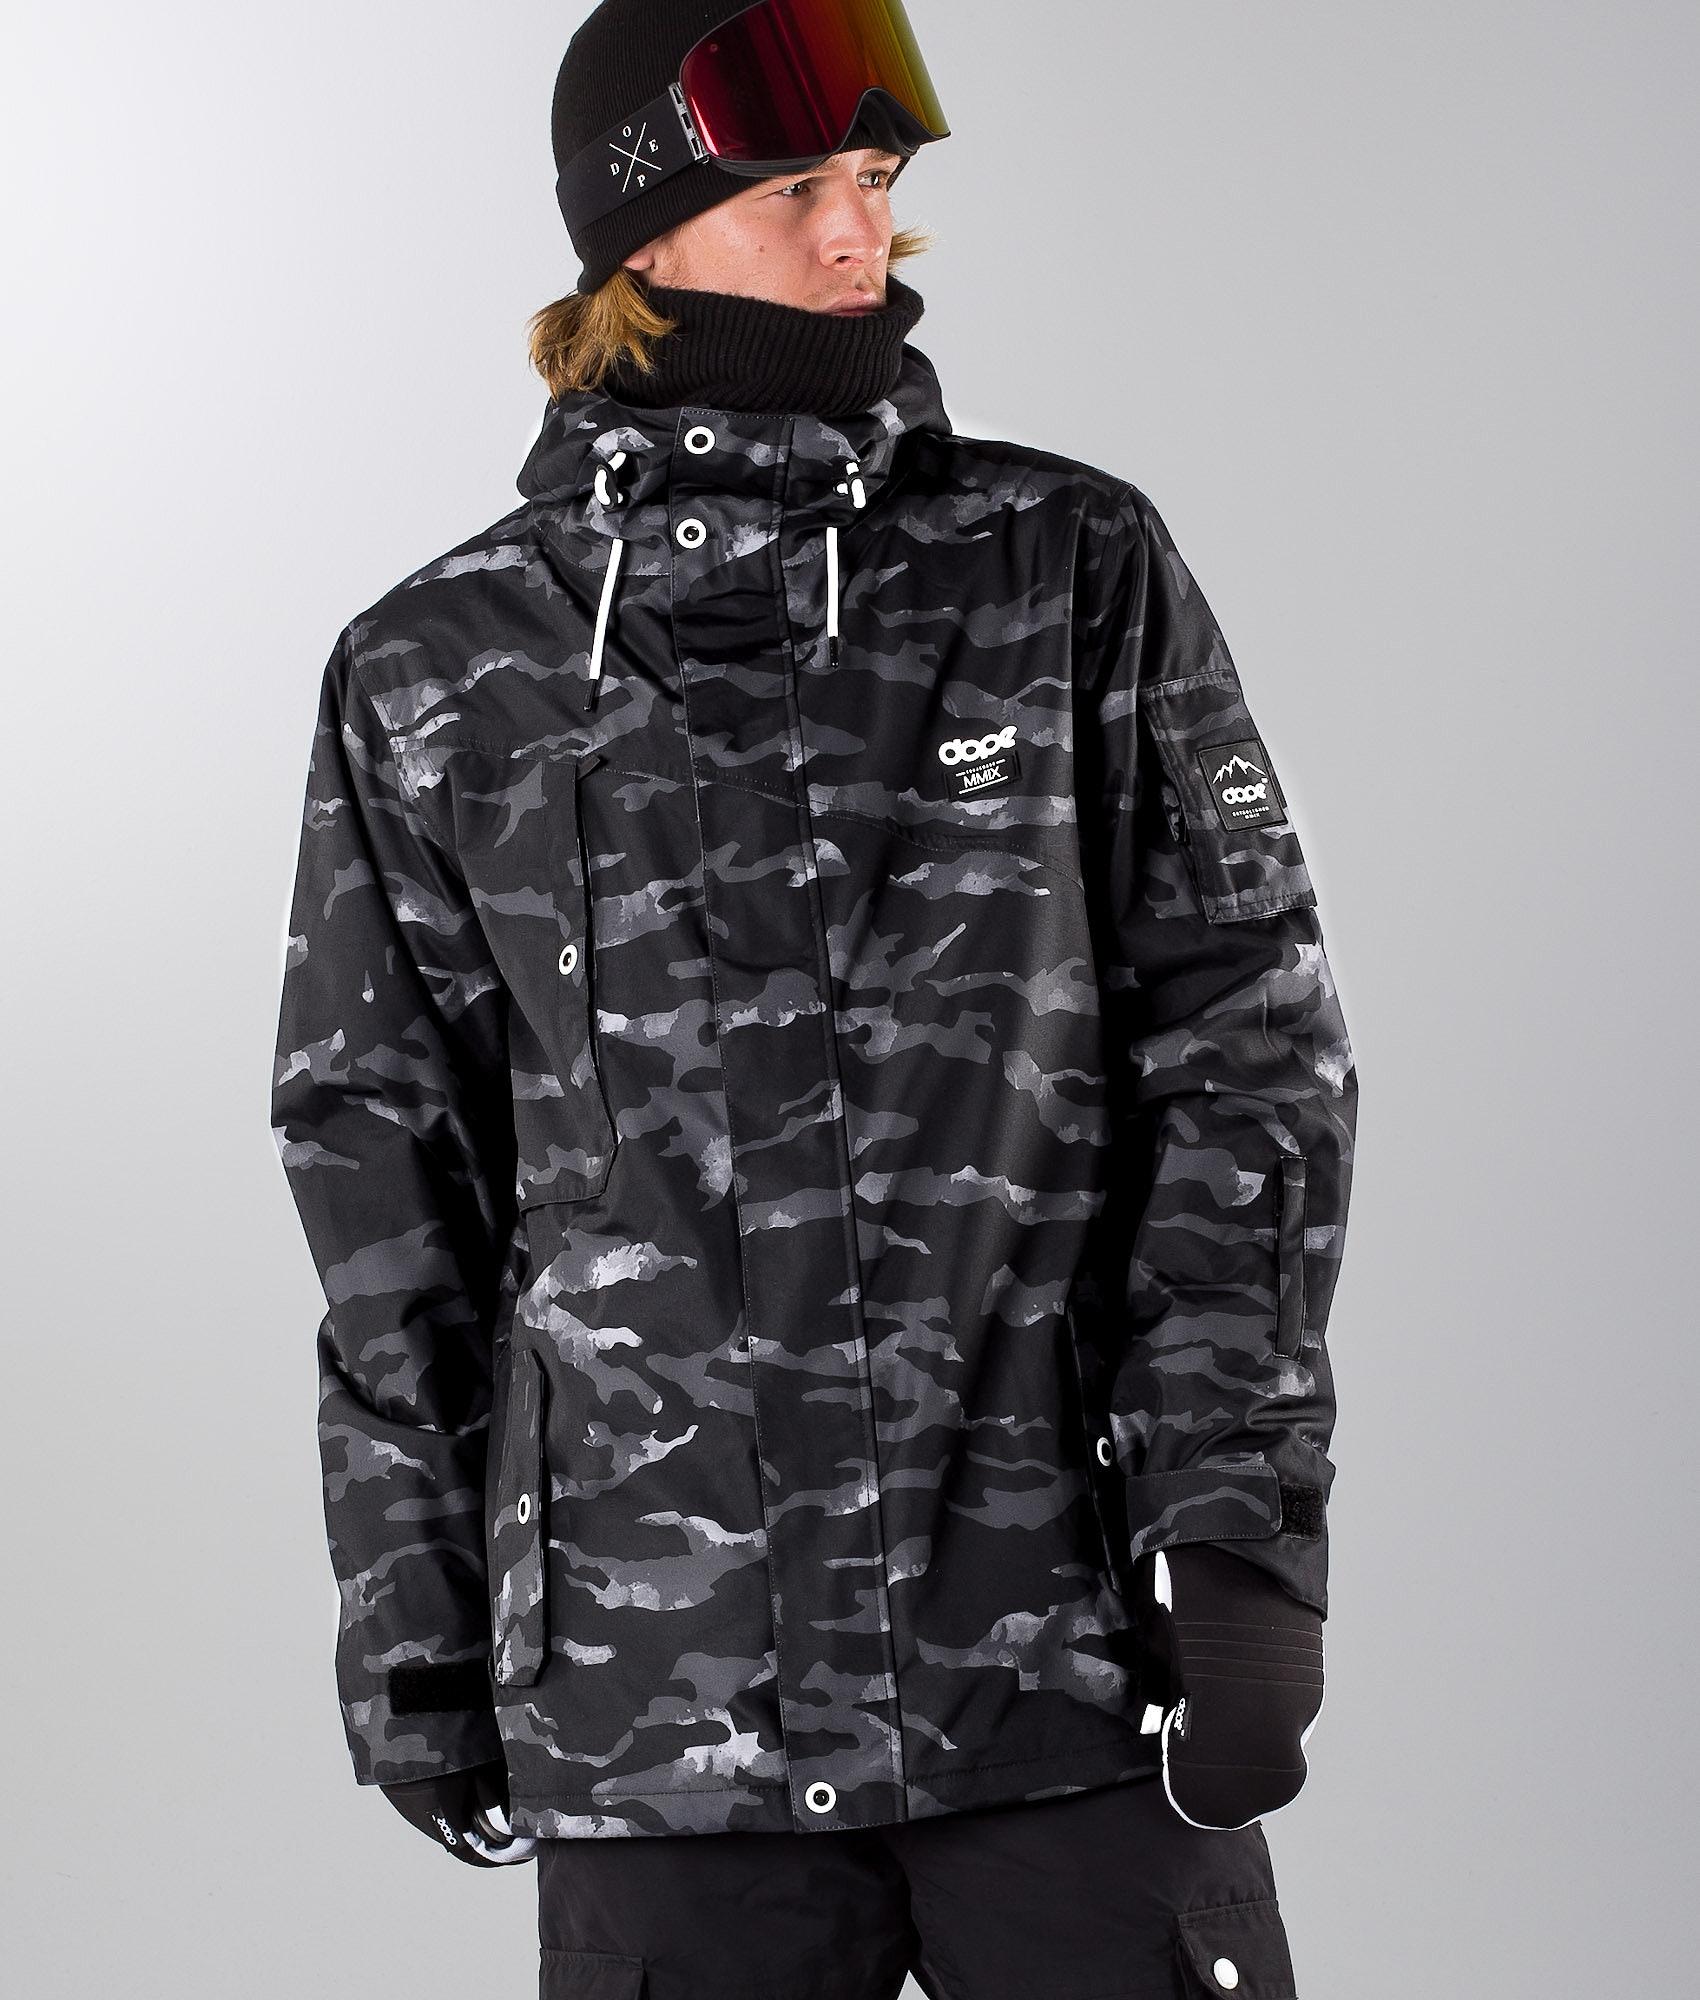 59d073e3 Dope Adept Ski Jacket Black Camo - Ridestore.com